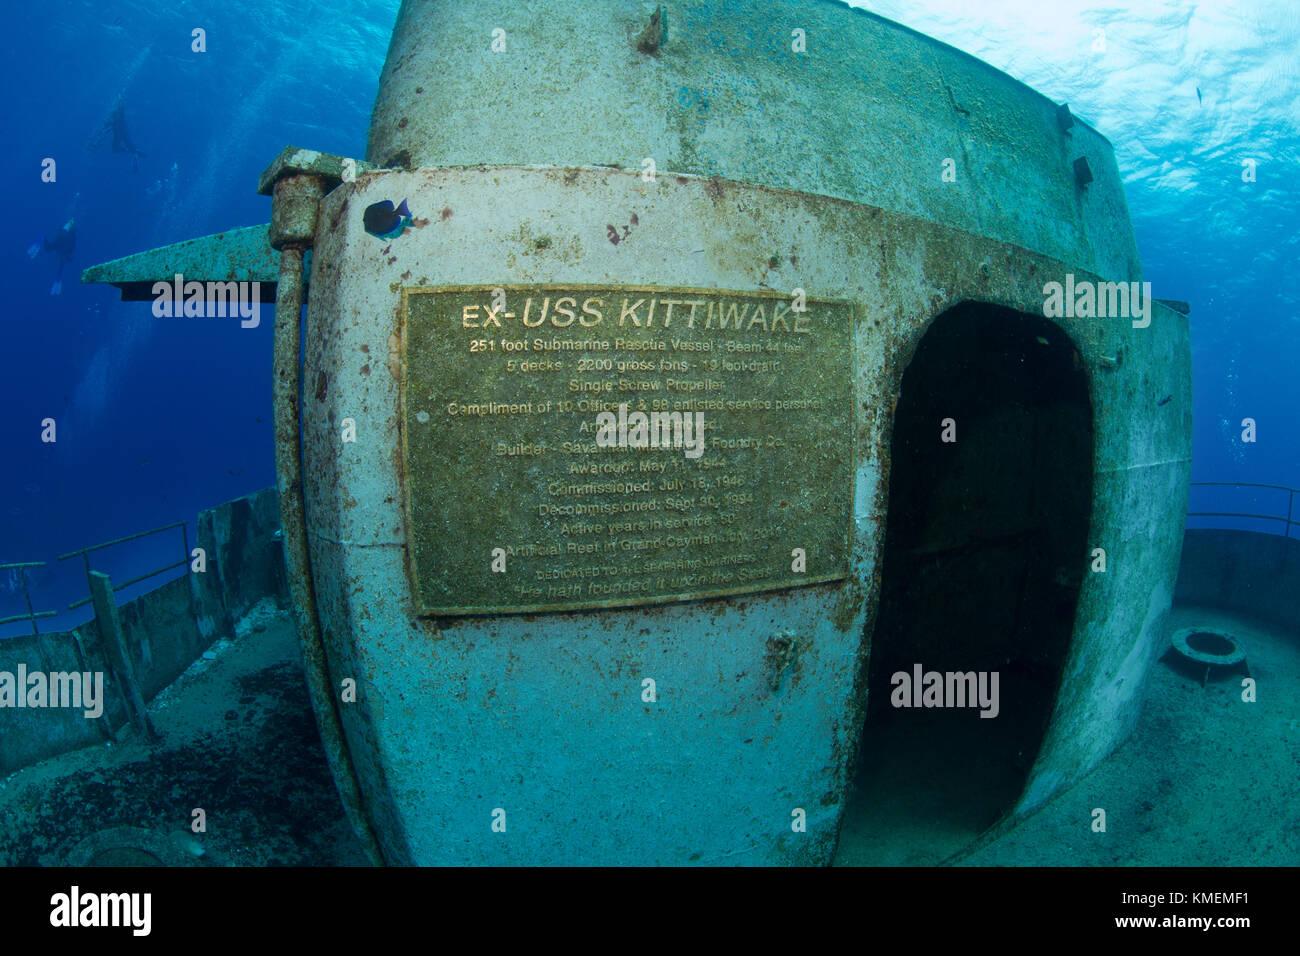 Una foto de uno de la placa en el USS kittiwake, un arrecife artificial. Foto de stock